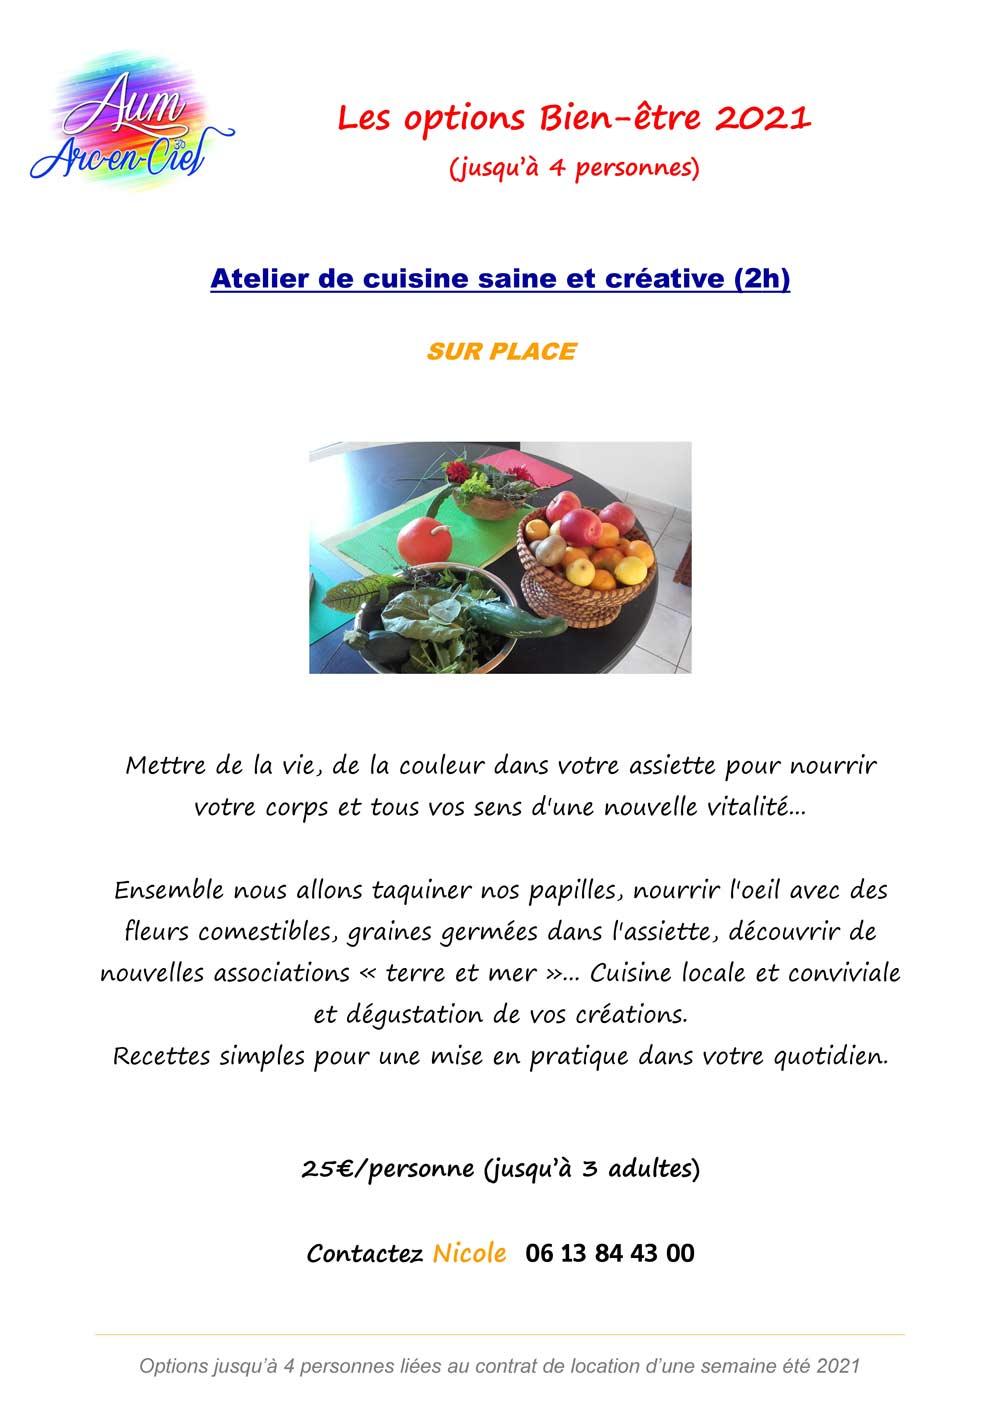 Options BIEN-ETRE 2021 cuisine